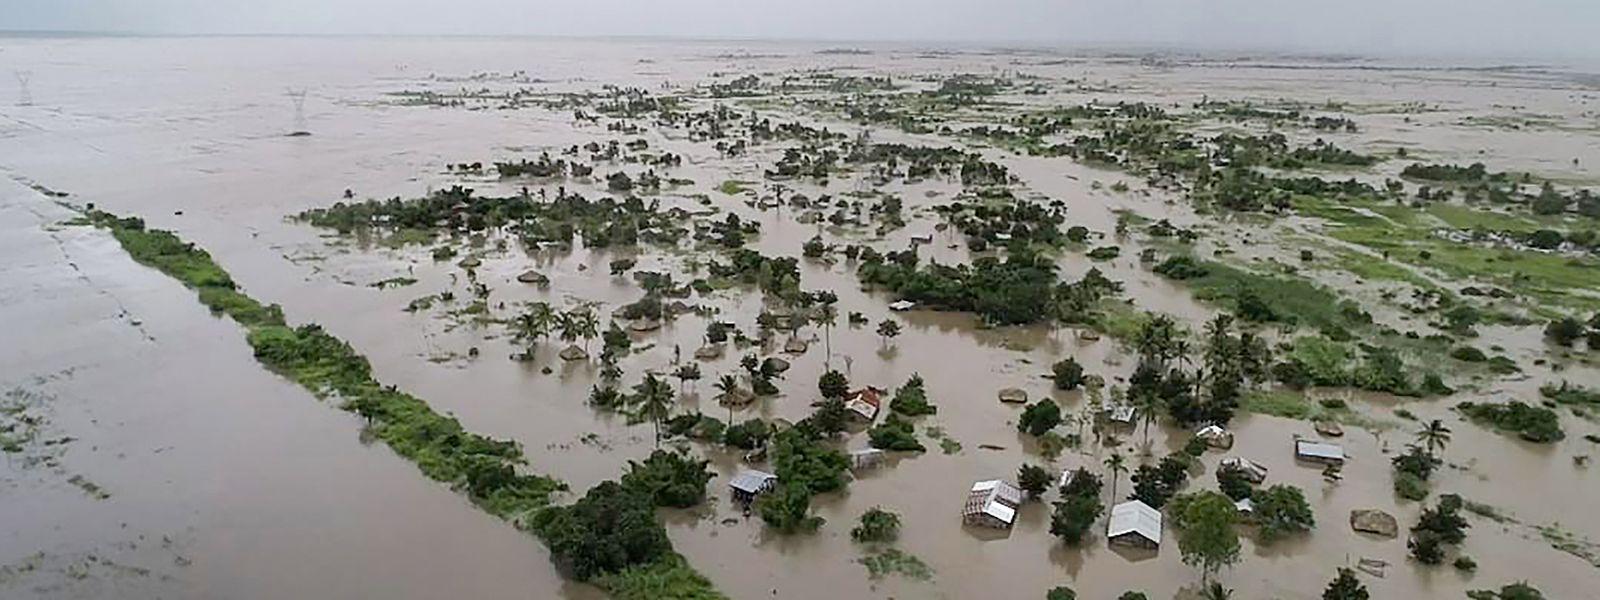 O ciclone Idai, que atingiu o centro de Moçambique em março, provocou 604 mortos e afetou cerca de 1,5 milhões de pessoas.